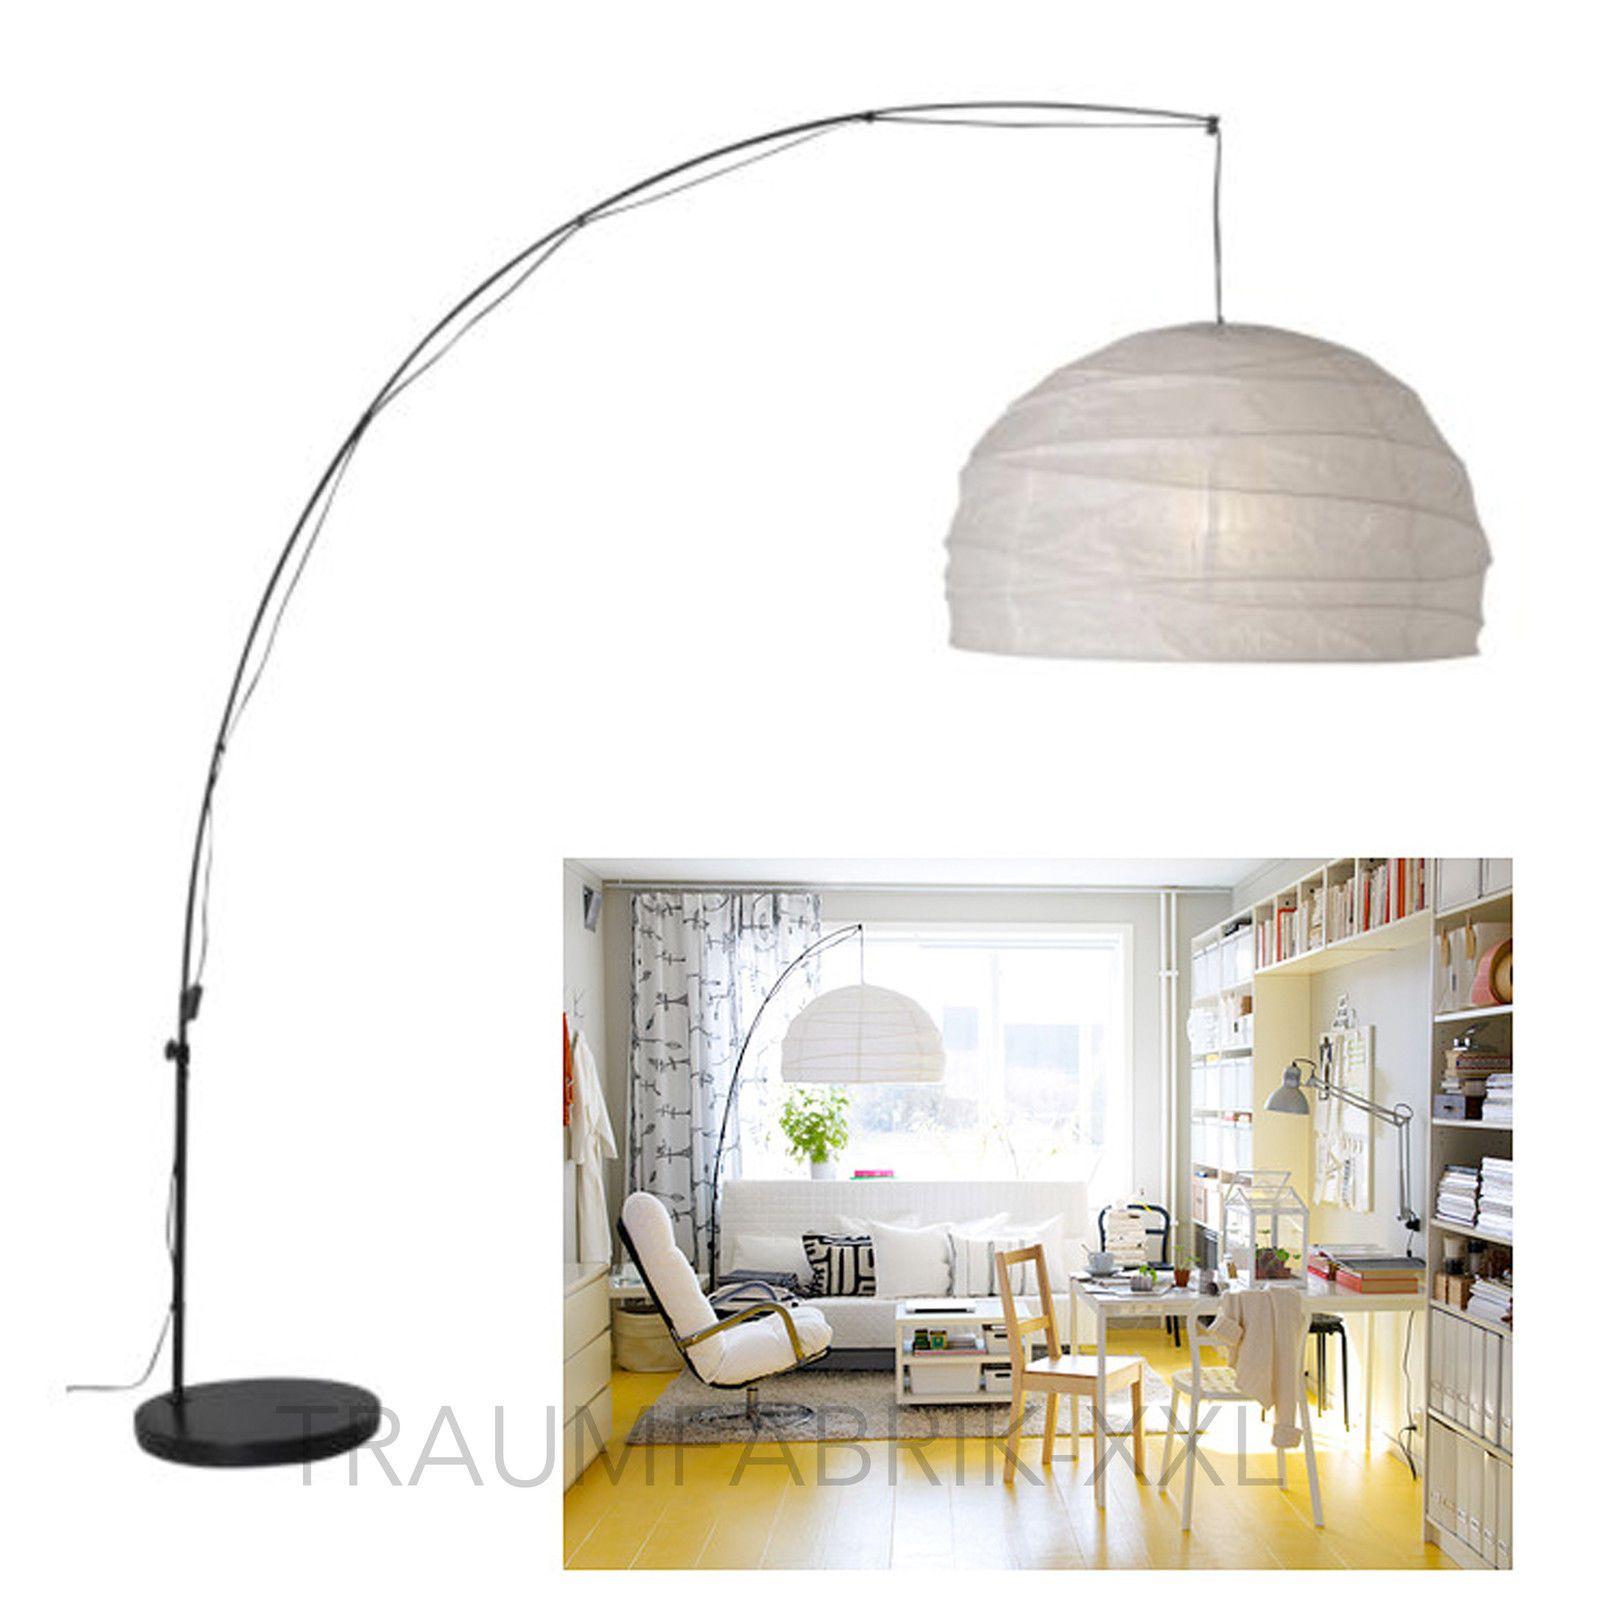 Full Size of Ikea Lampe Stehlampe Schirm Stehlampen Wohnzimmer Led Lampen Wien Dimmbar Moderne Dimmen Schweiz Lampenschirm Papier Gold Regolit Xxl Lounge Küche Kaufen Wohnzimmer Stehlampen Ikea